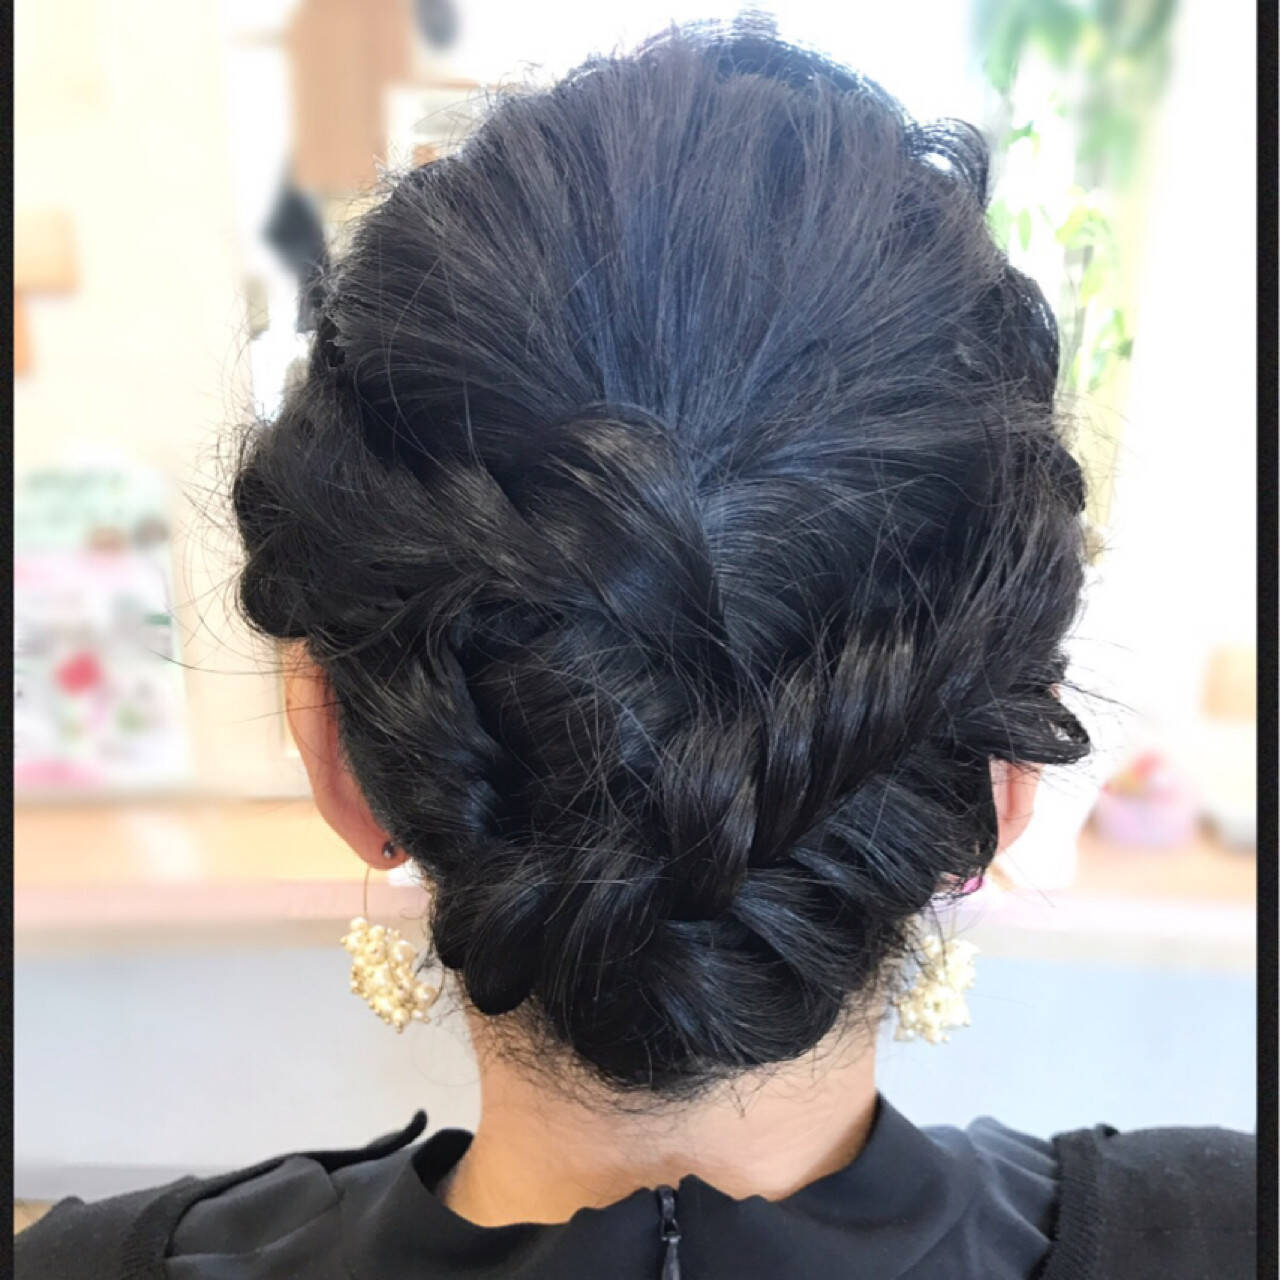 ロング 編み込み ナチュラル 黒髪ヘアスタイルや髪型の写真・画像